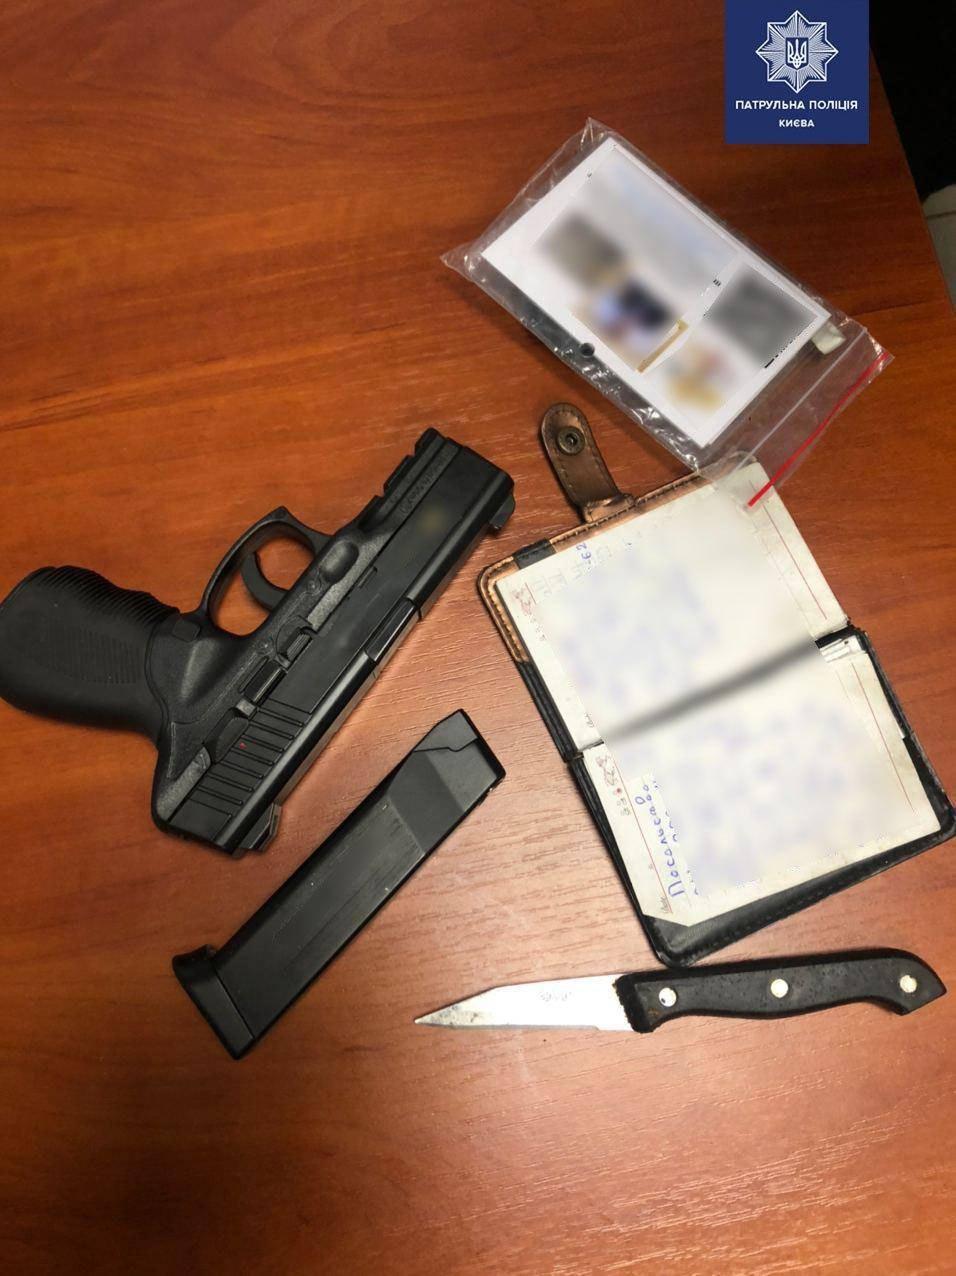 У Києві затримали стрілка по машині поліції -  - 118179985 769026980511041 7179783943367344475 o